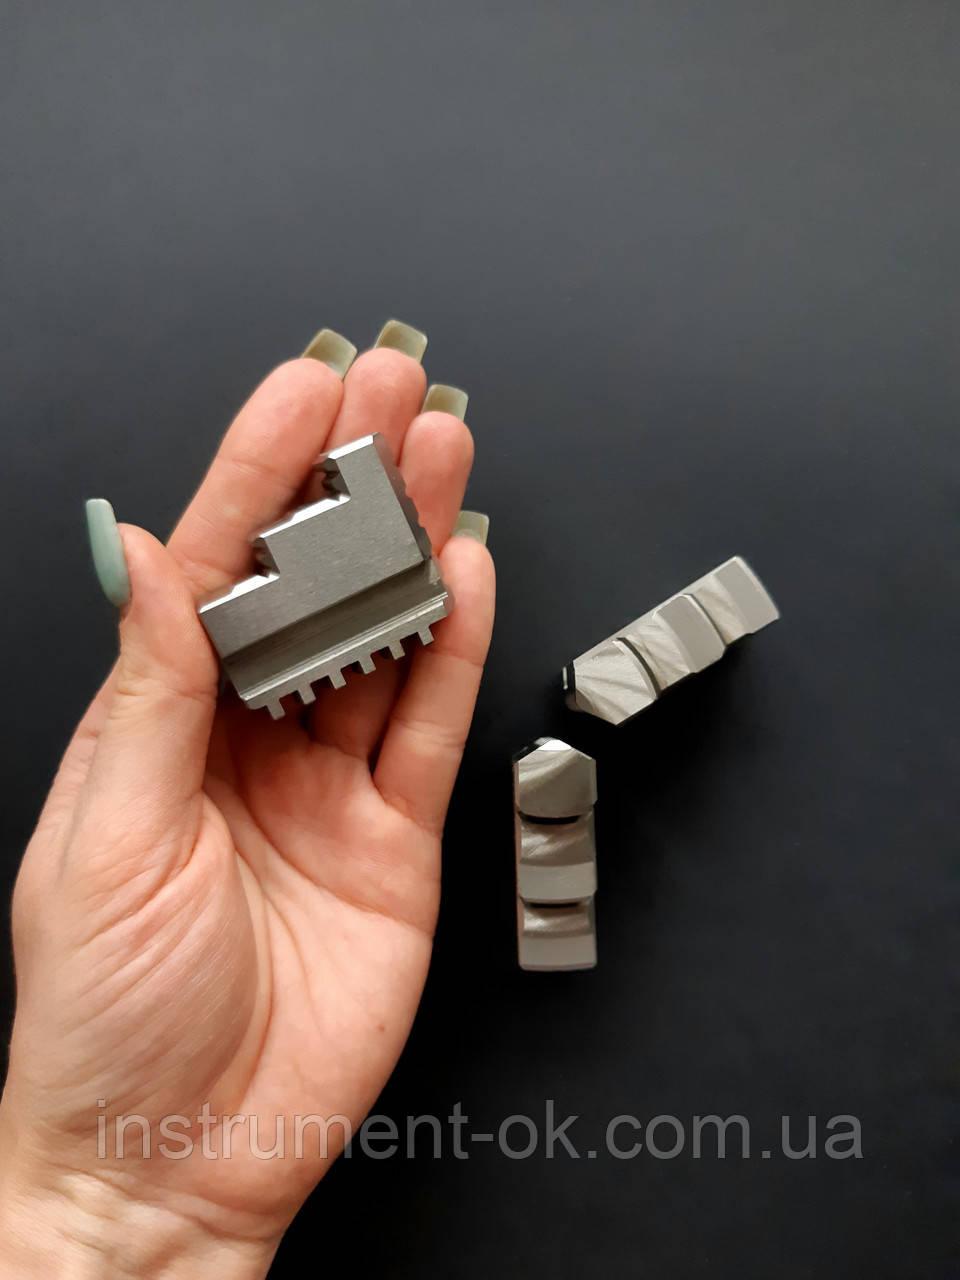 Кулачки прямые для токарного патрона d 250 мм